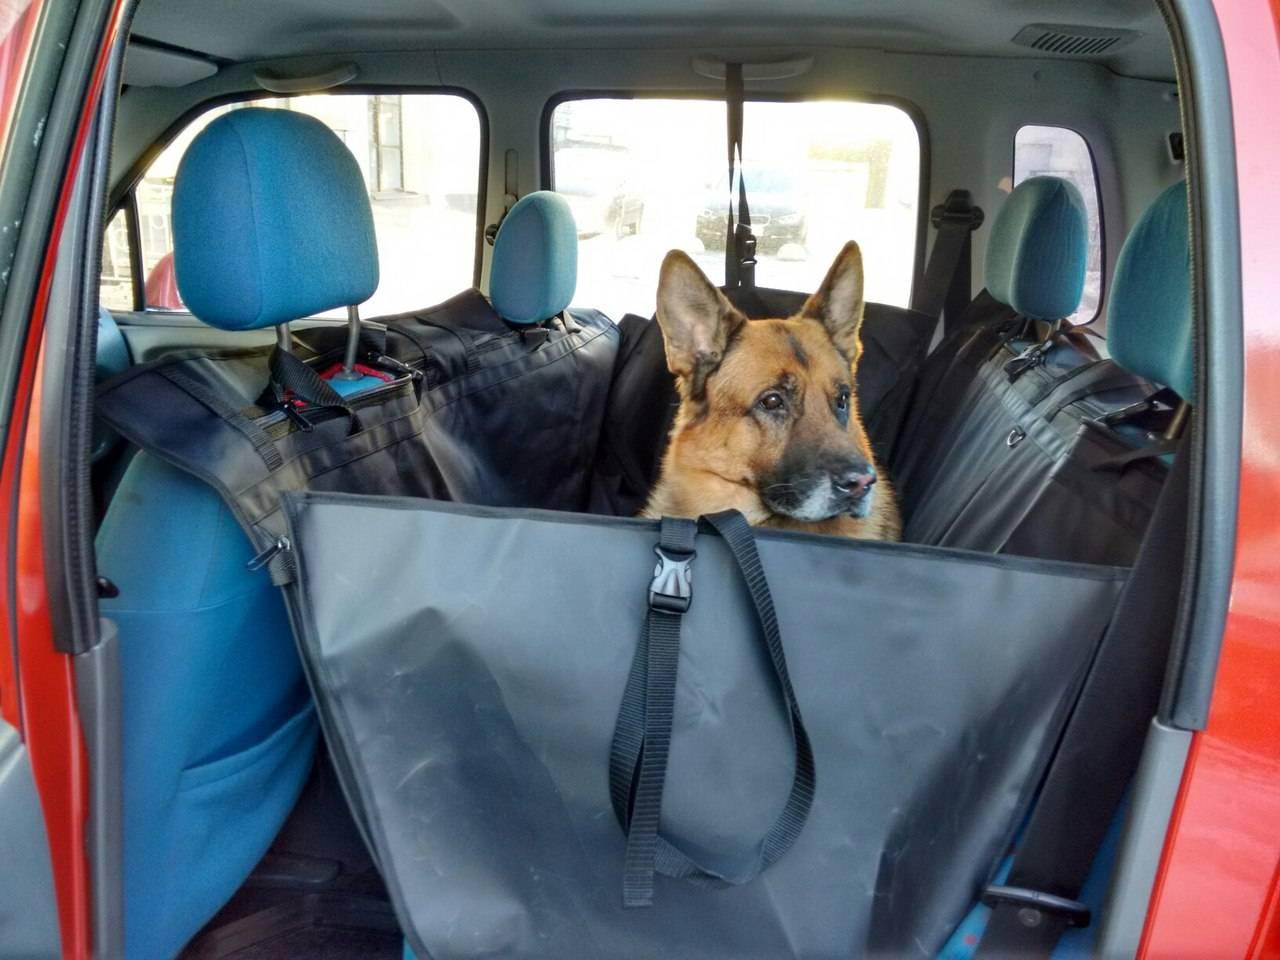 Перевозка животных на машине - правила и полезные советы!